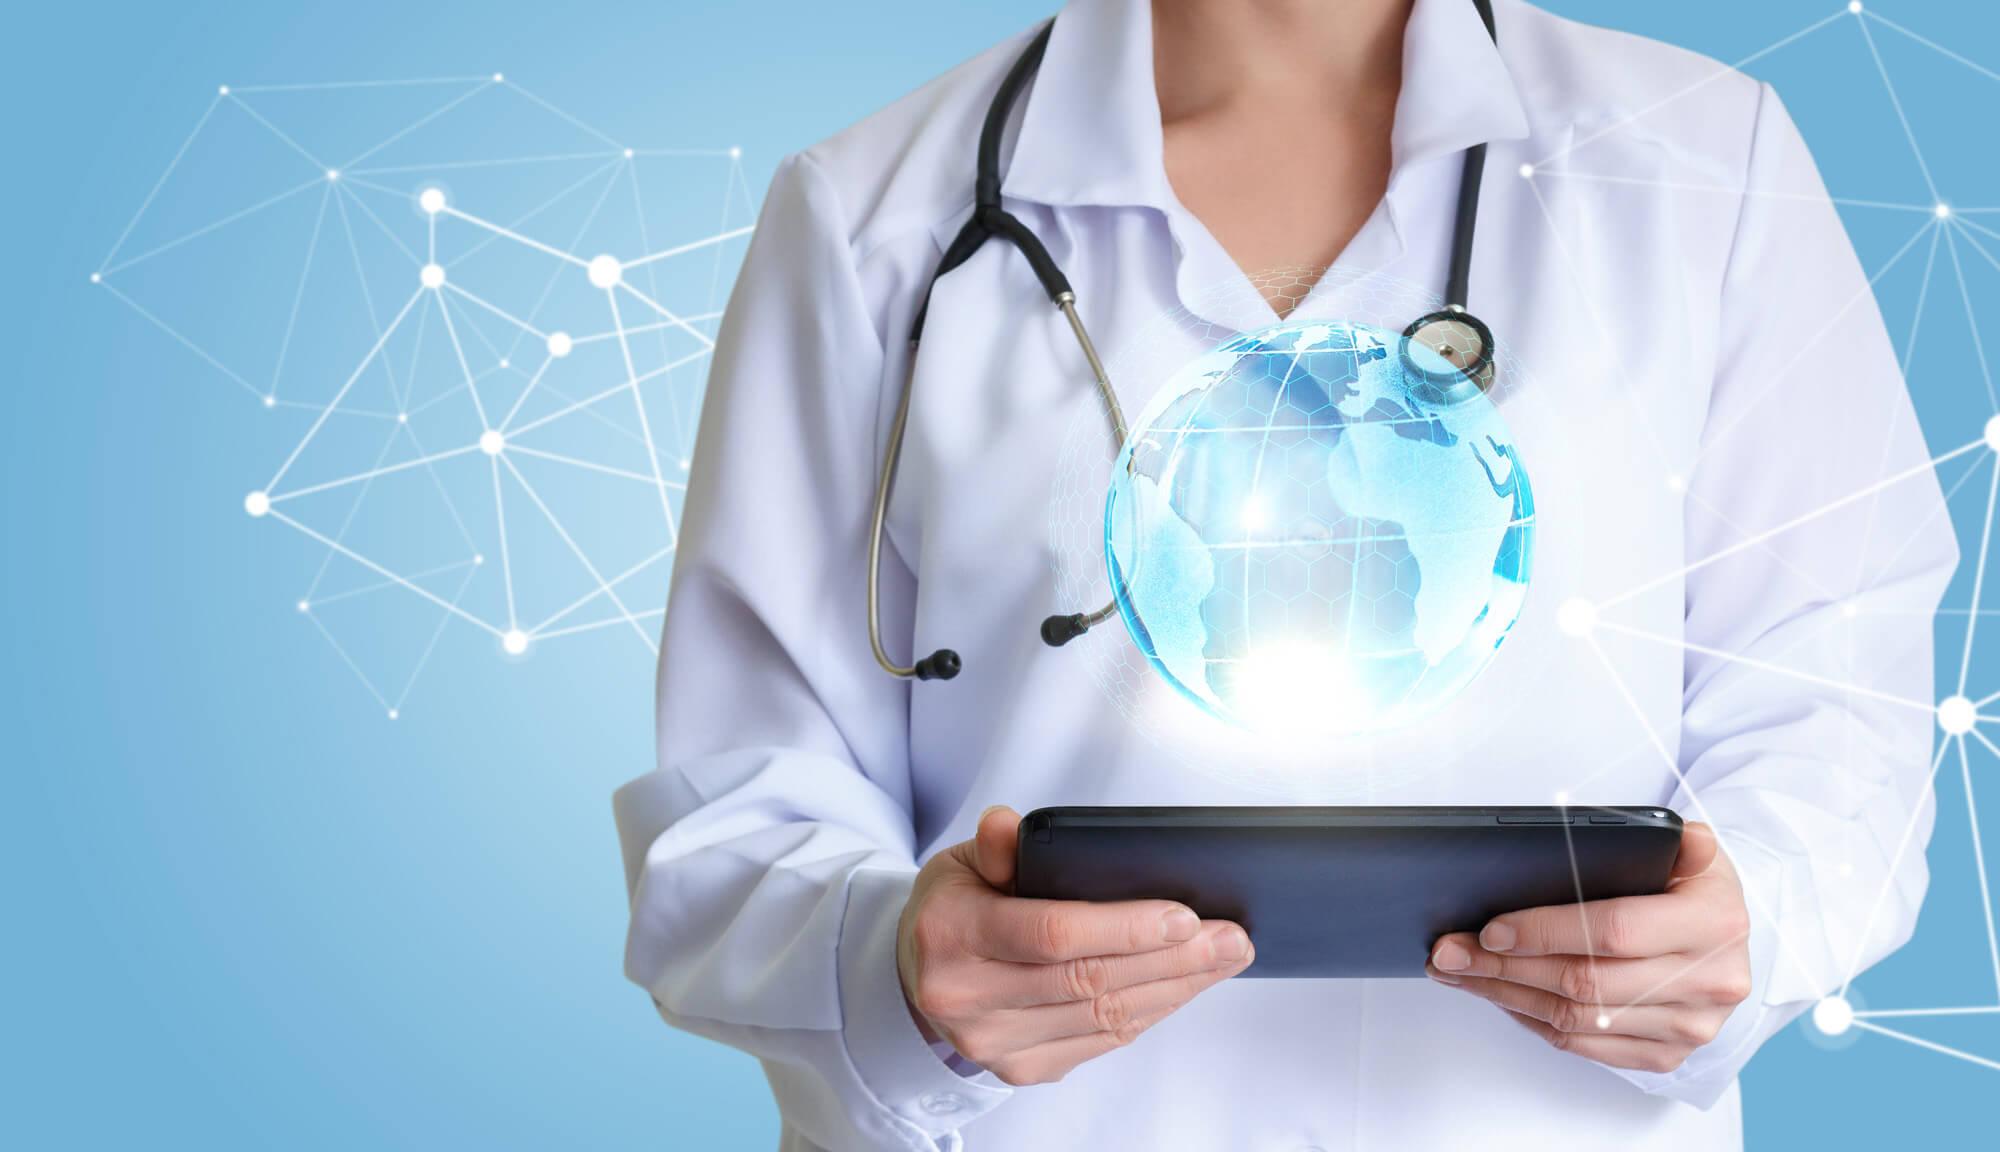 Окончательное решение Закона о лечении — как оно изменит медицину